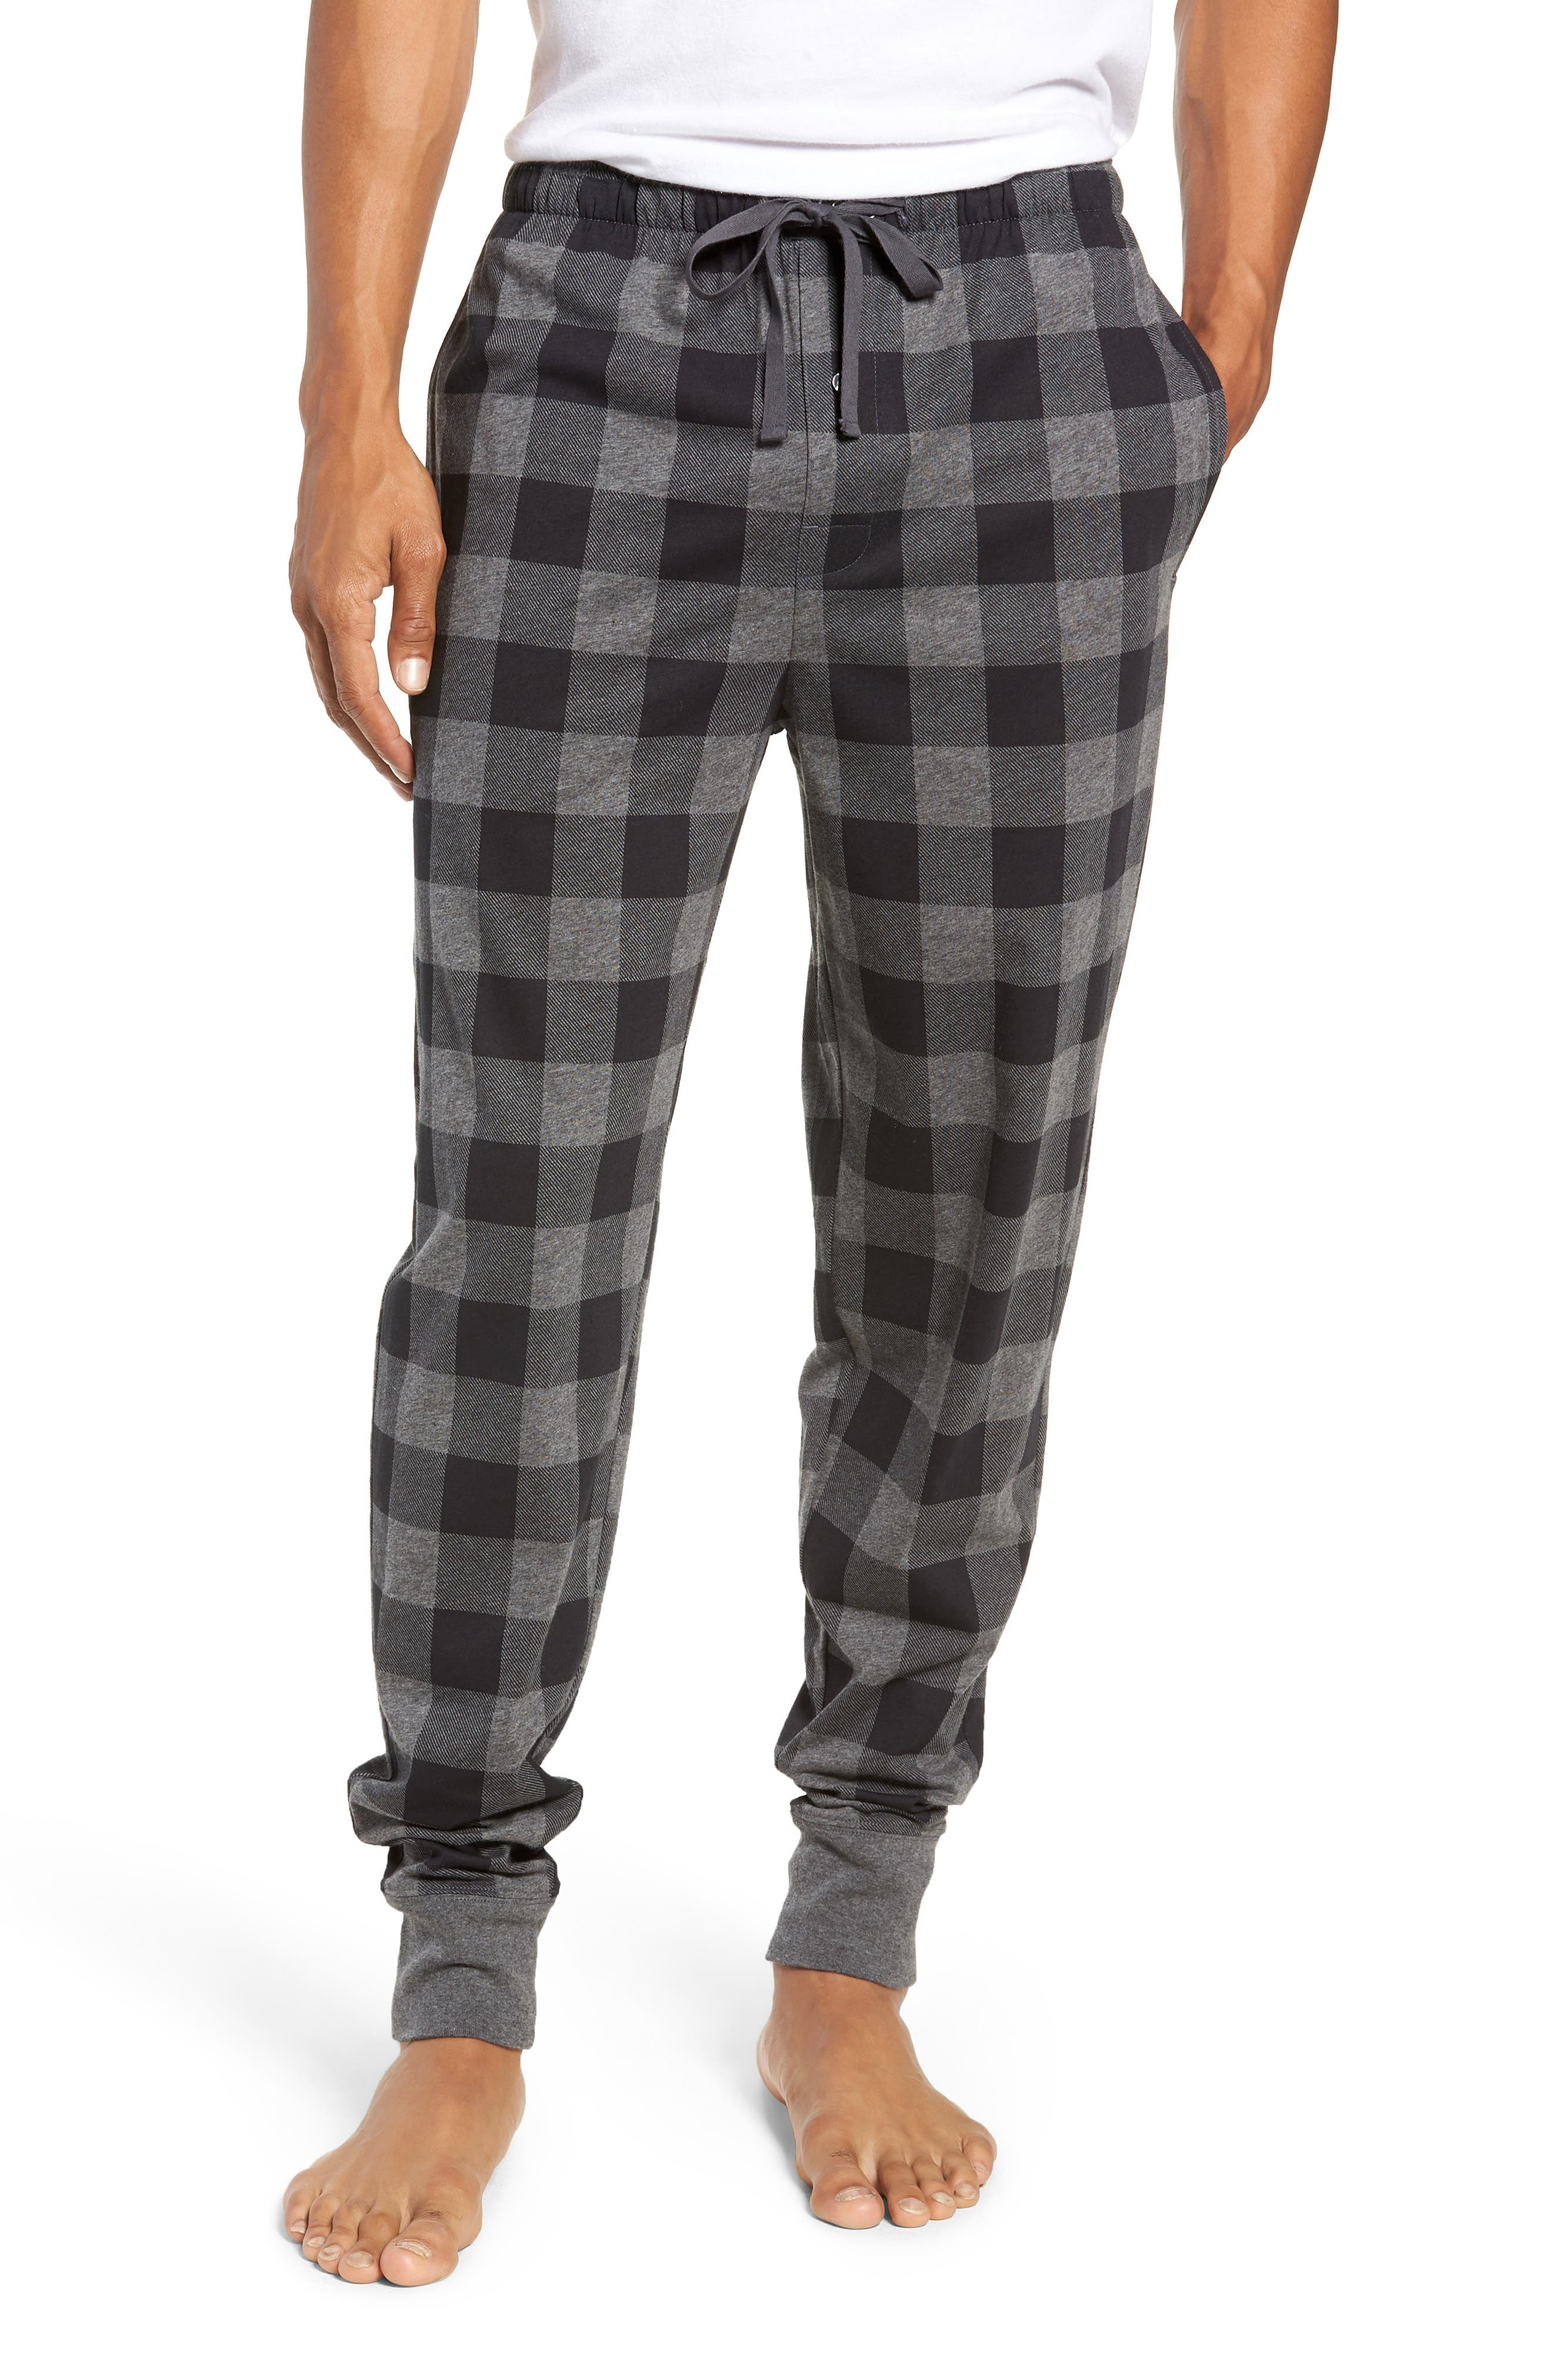 Cotton Lounge Pants,                             Main thumbnail 1, color,                             CHARCOAL/ BUFFALO PLAID